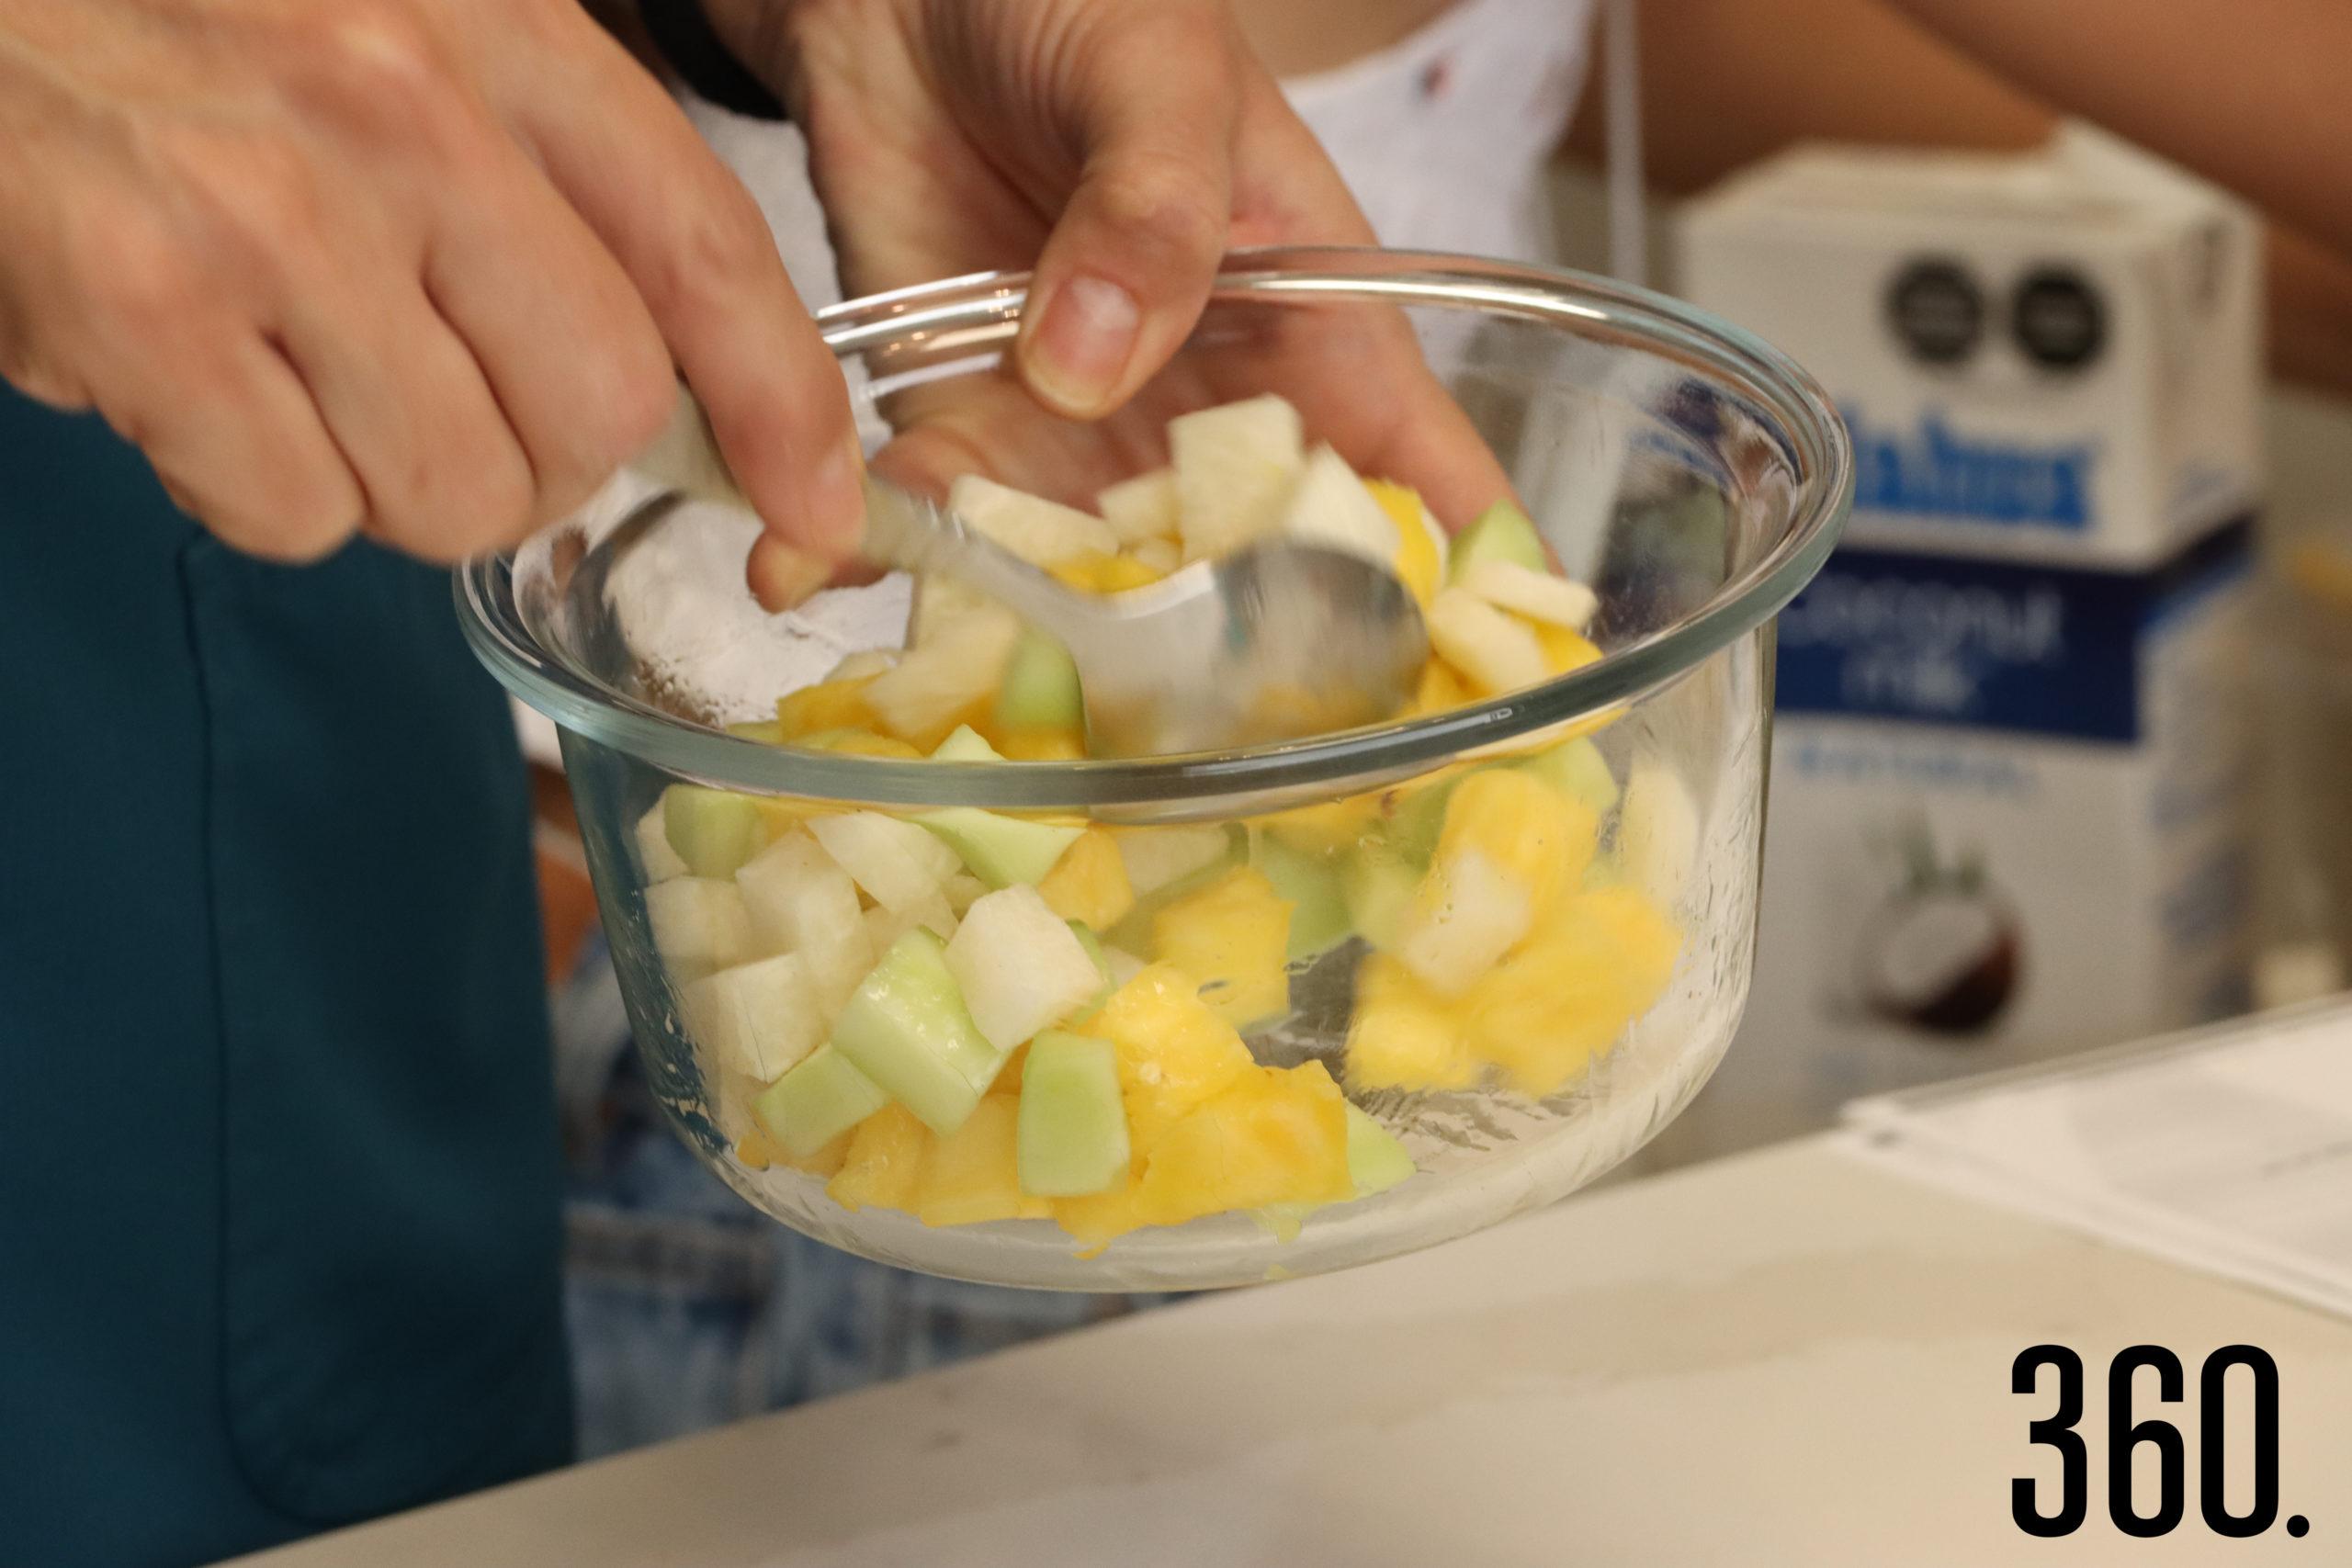 Vaso Loco con pepino, piña, jícama, limón y chamoy.